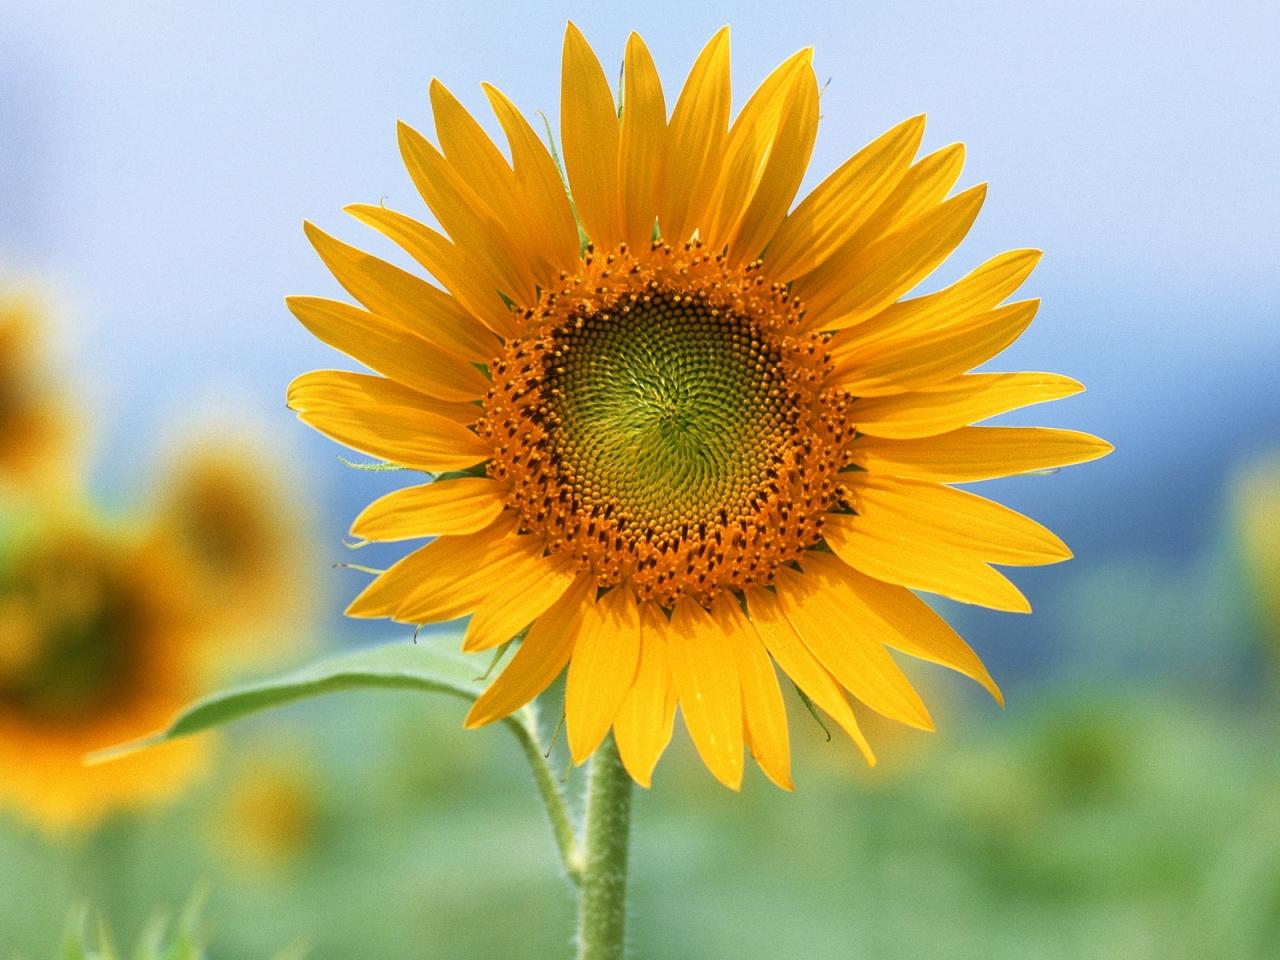 Flor de Girasol - 1280x960